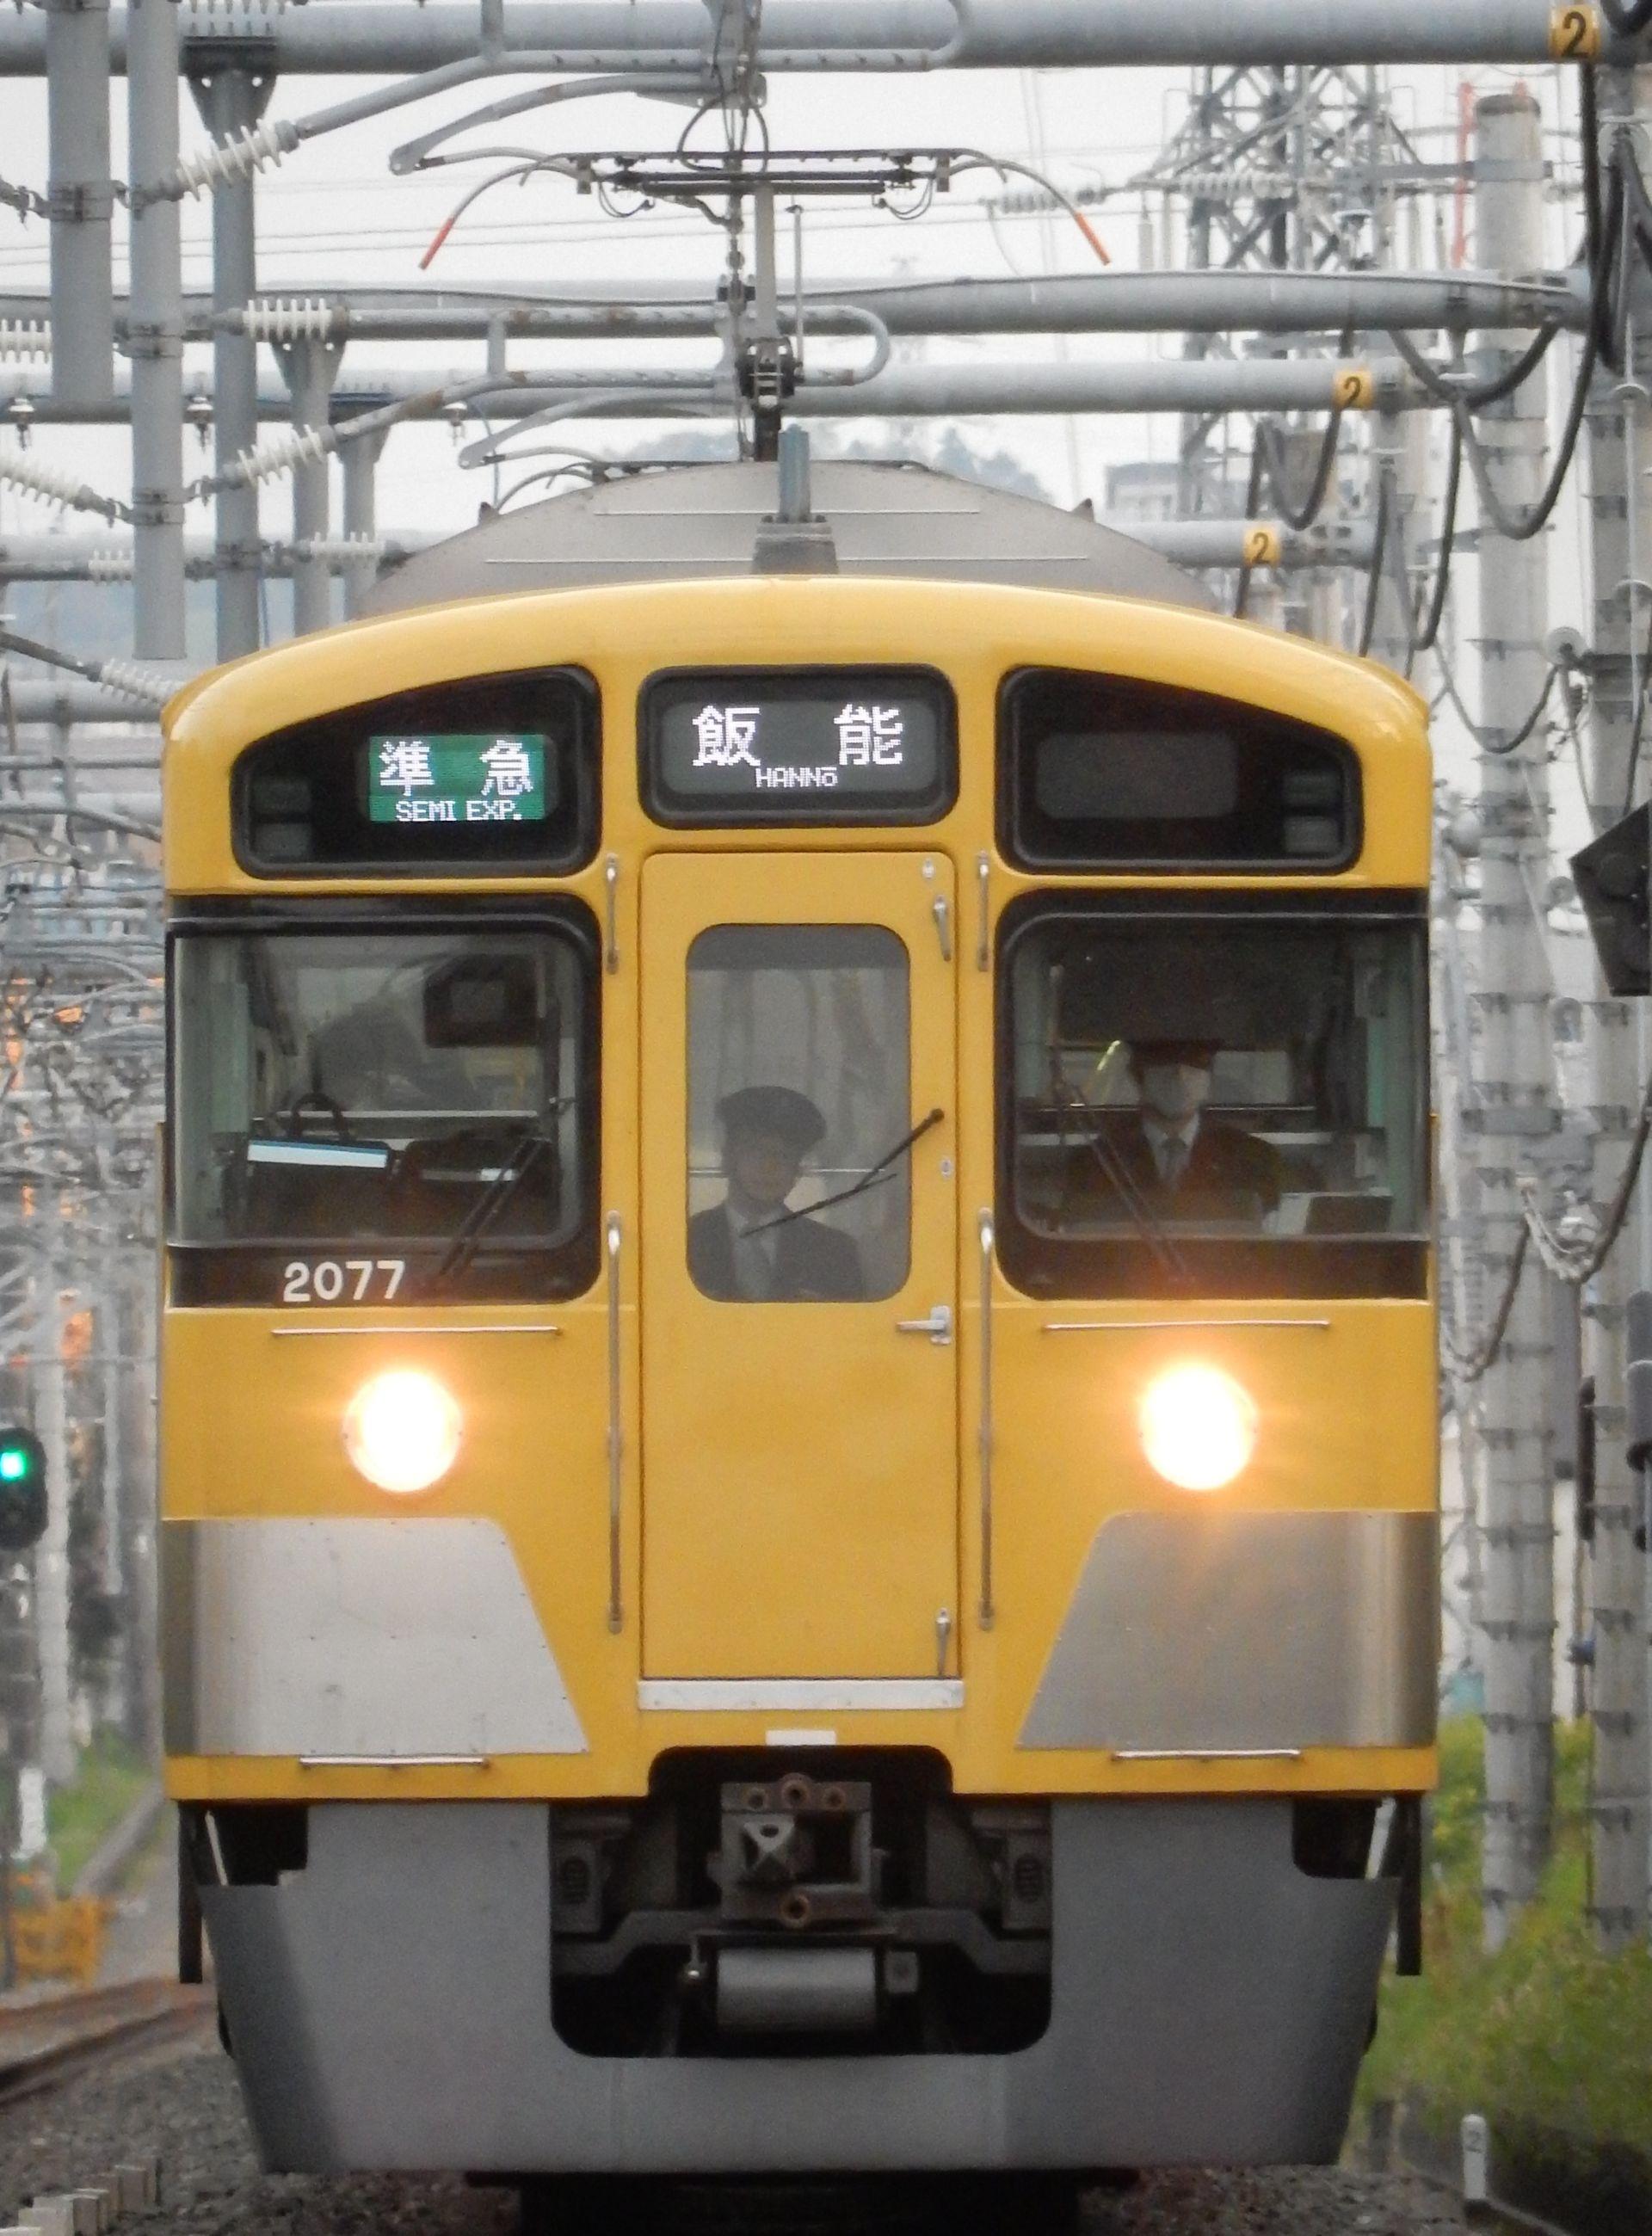 DSCN7506 - コピー